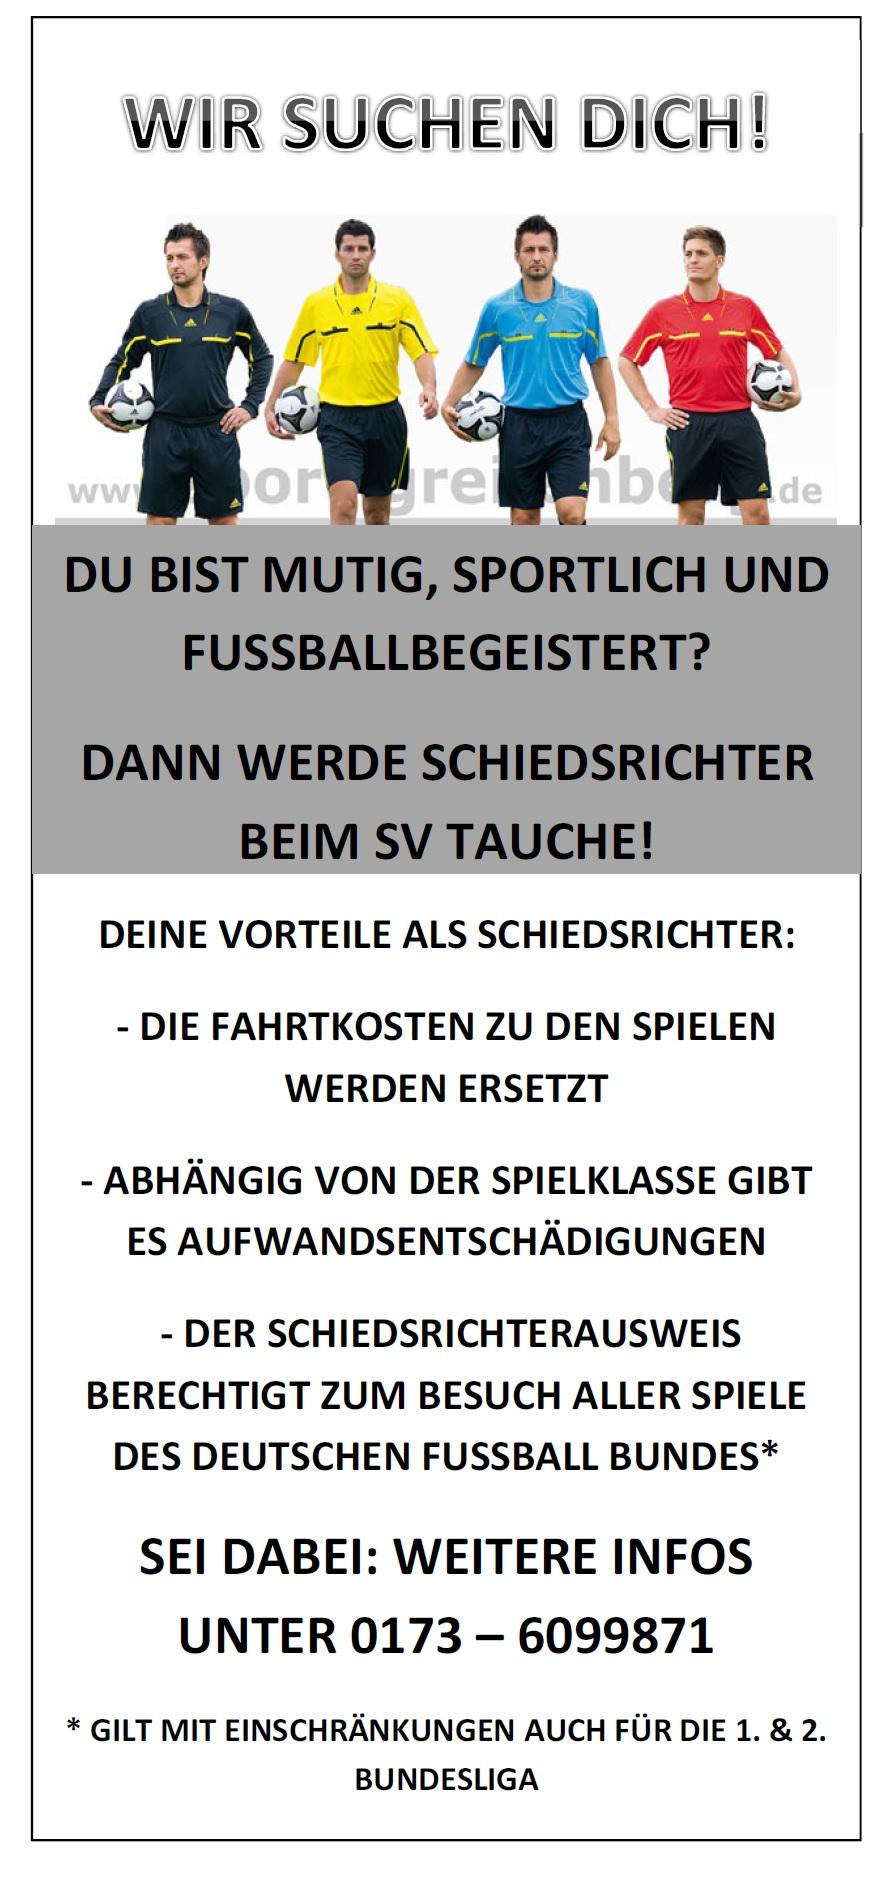 Schiedsrichter gesucht //